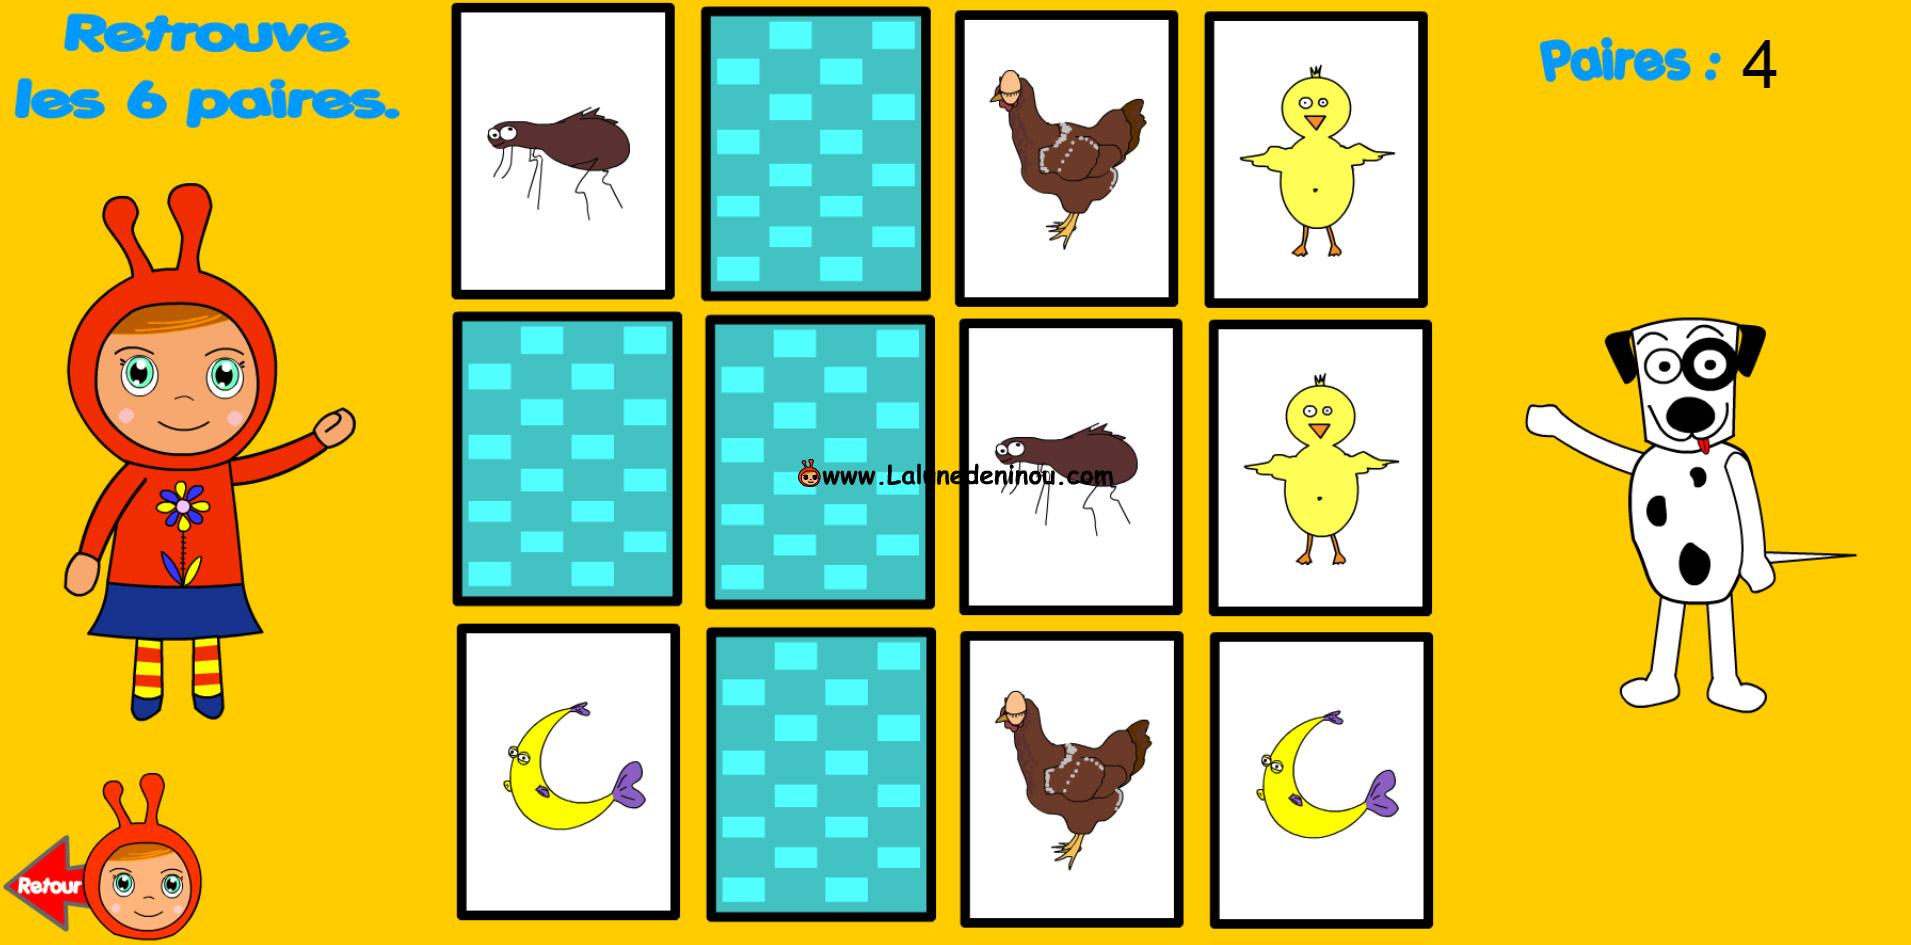 Jeu De Memoire Cartes Identiques - Memory - Jeux Pour avec Jeux De Memoire Enfant